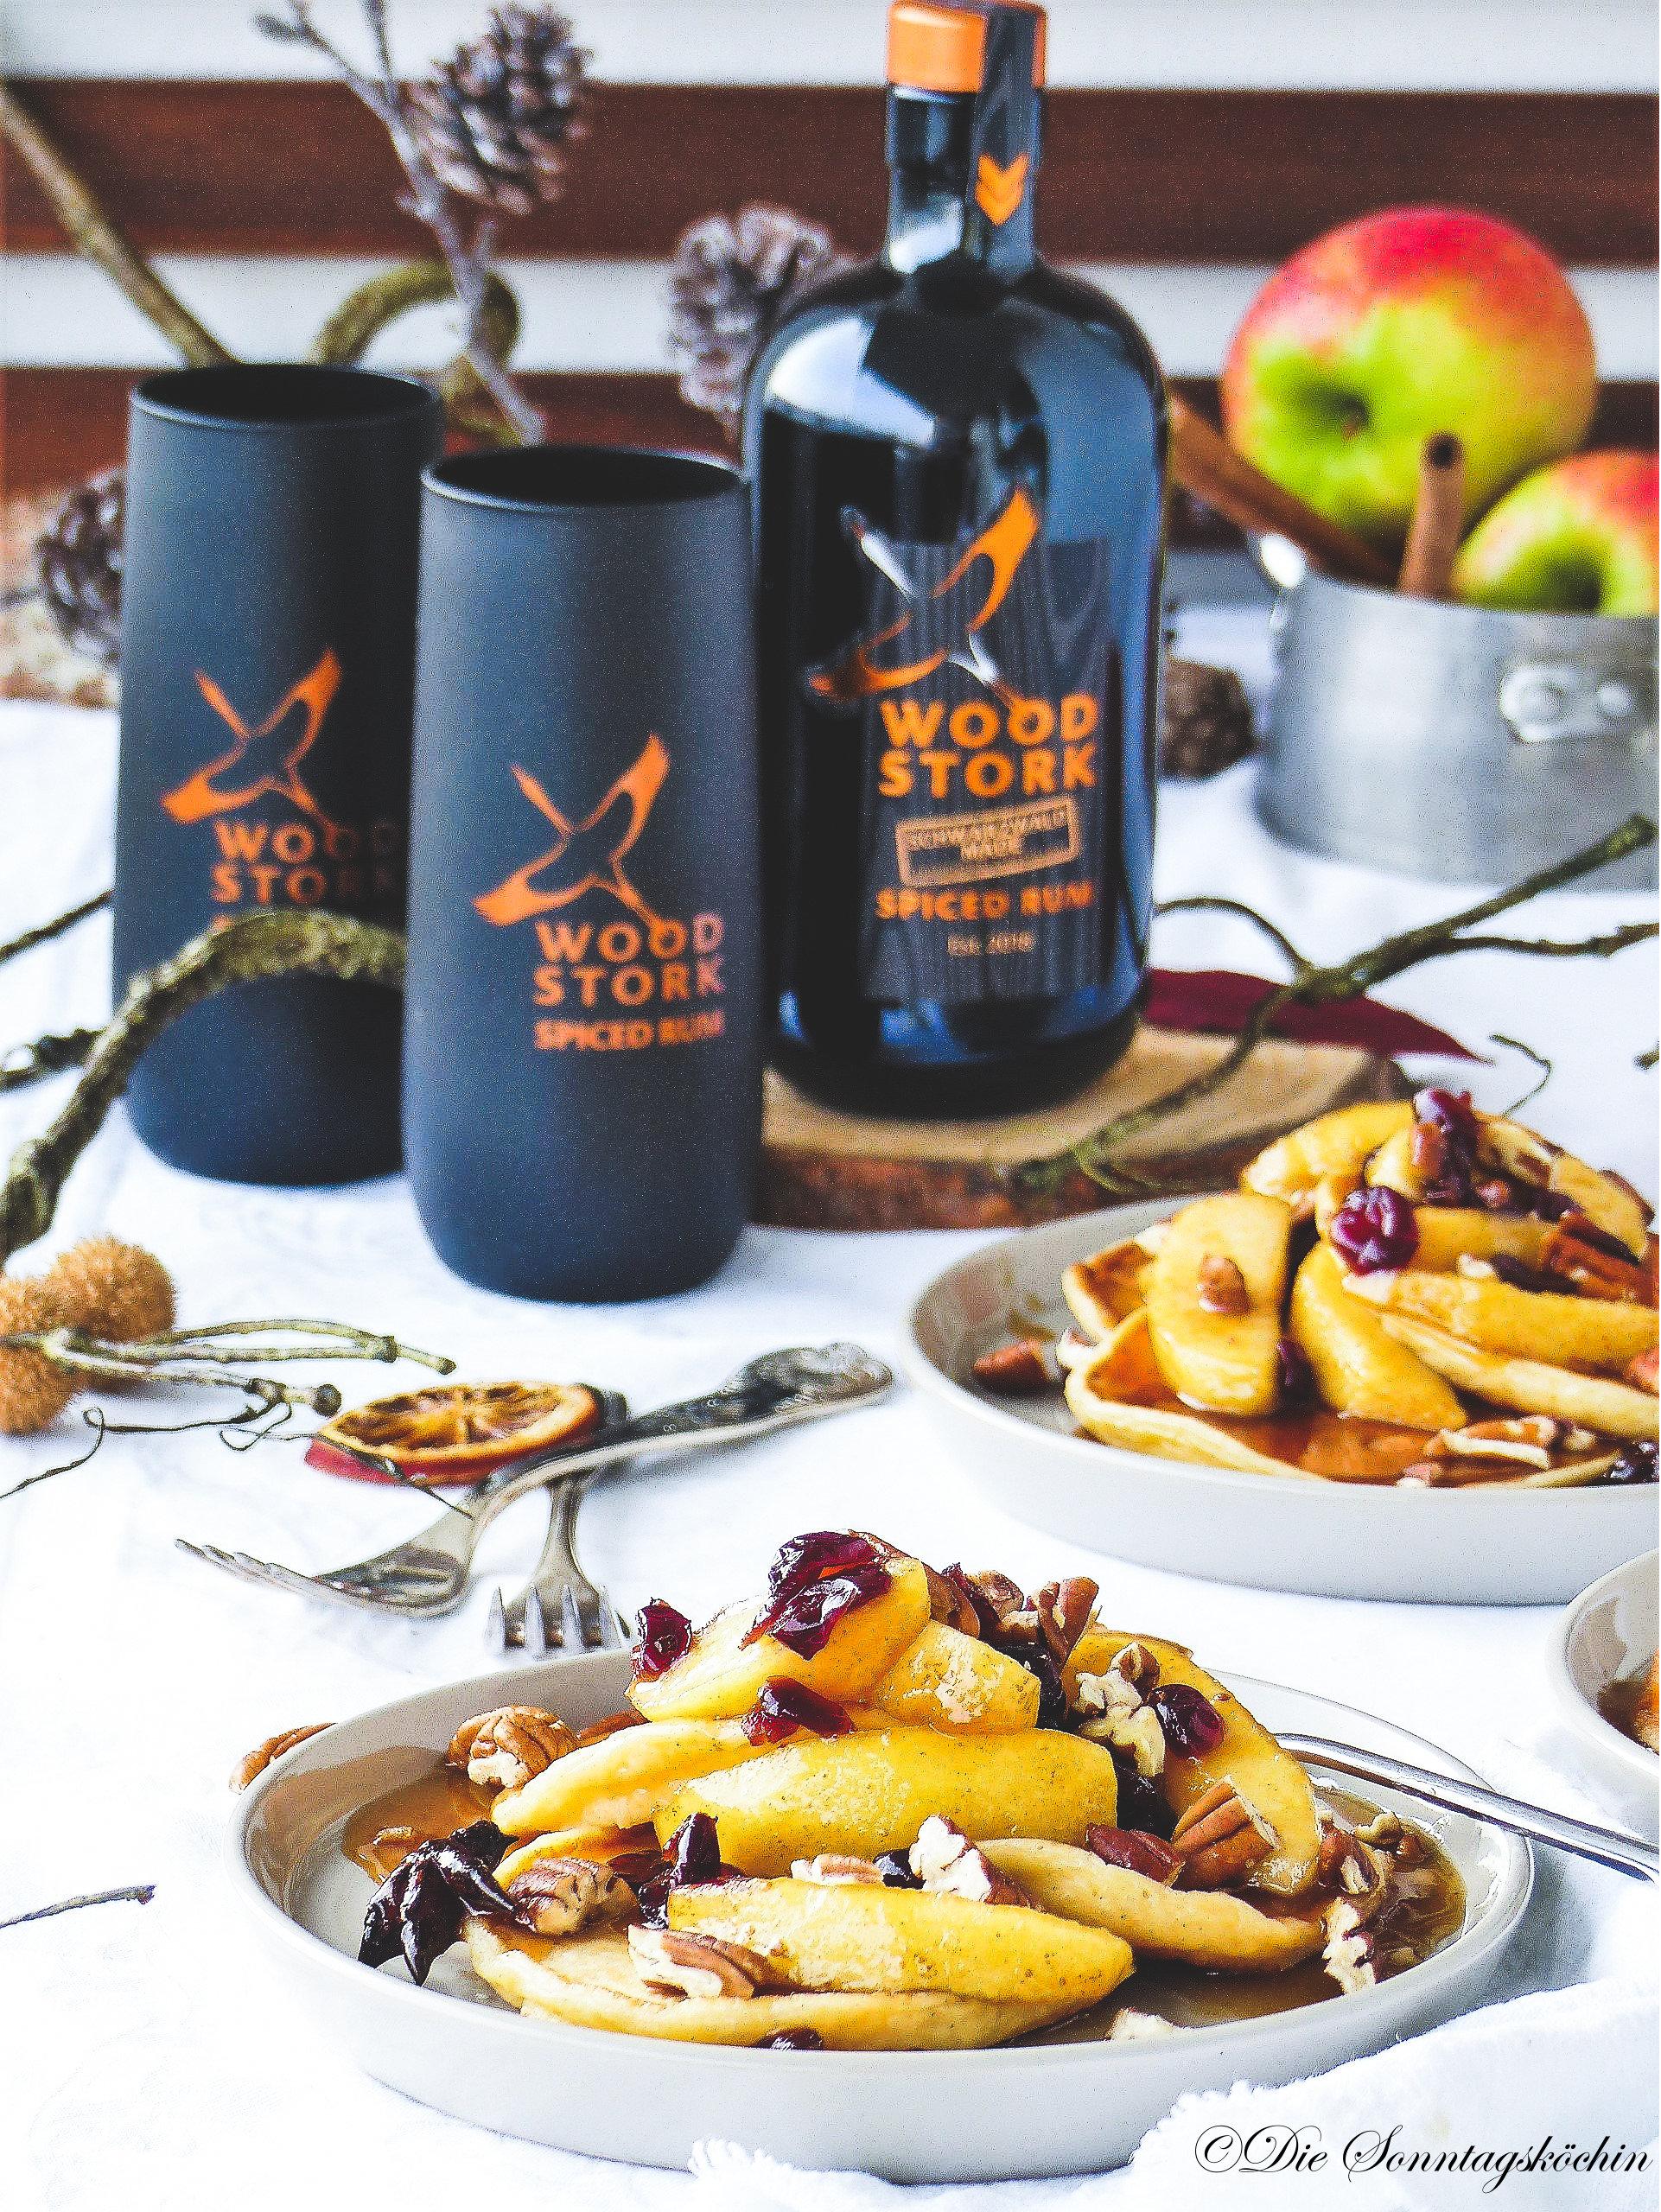 Vanillepancakes & Apfel-Rum-Soße mit Wood Stork Spiced Rum